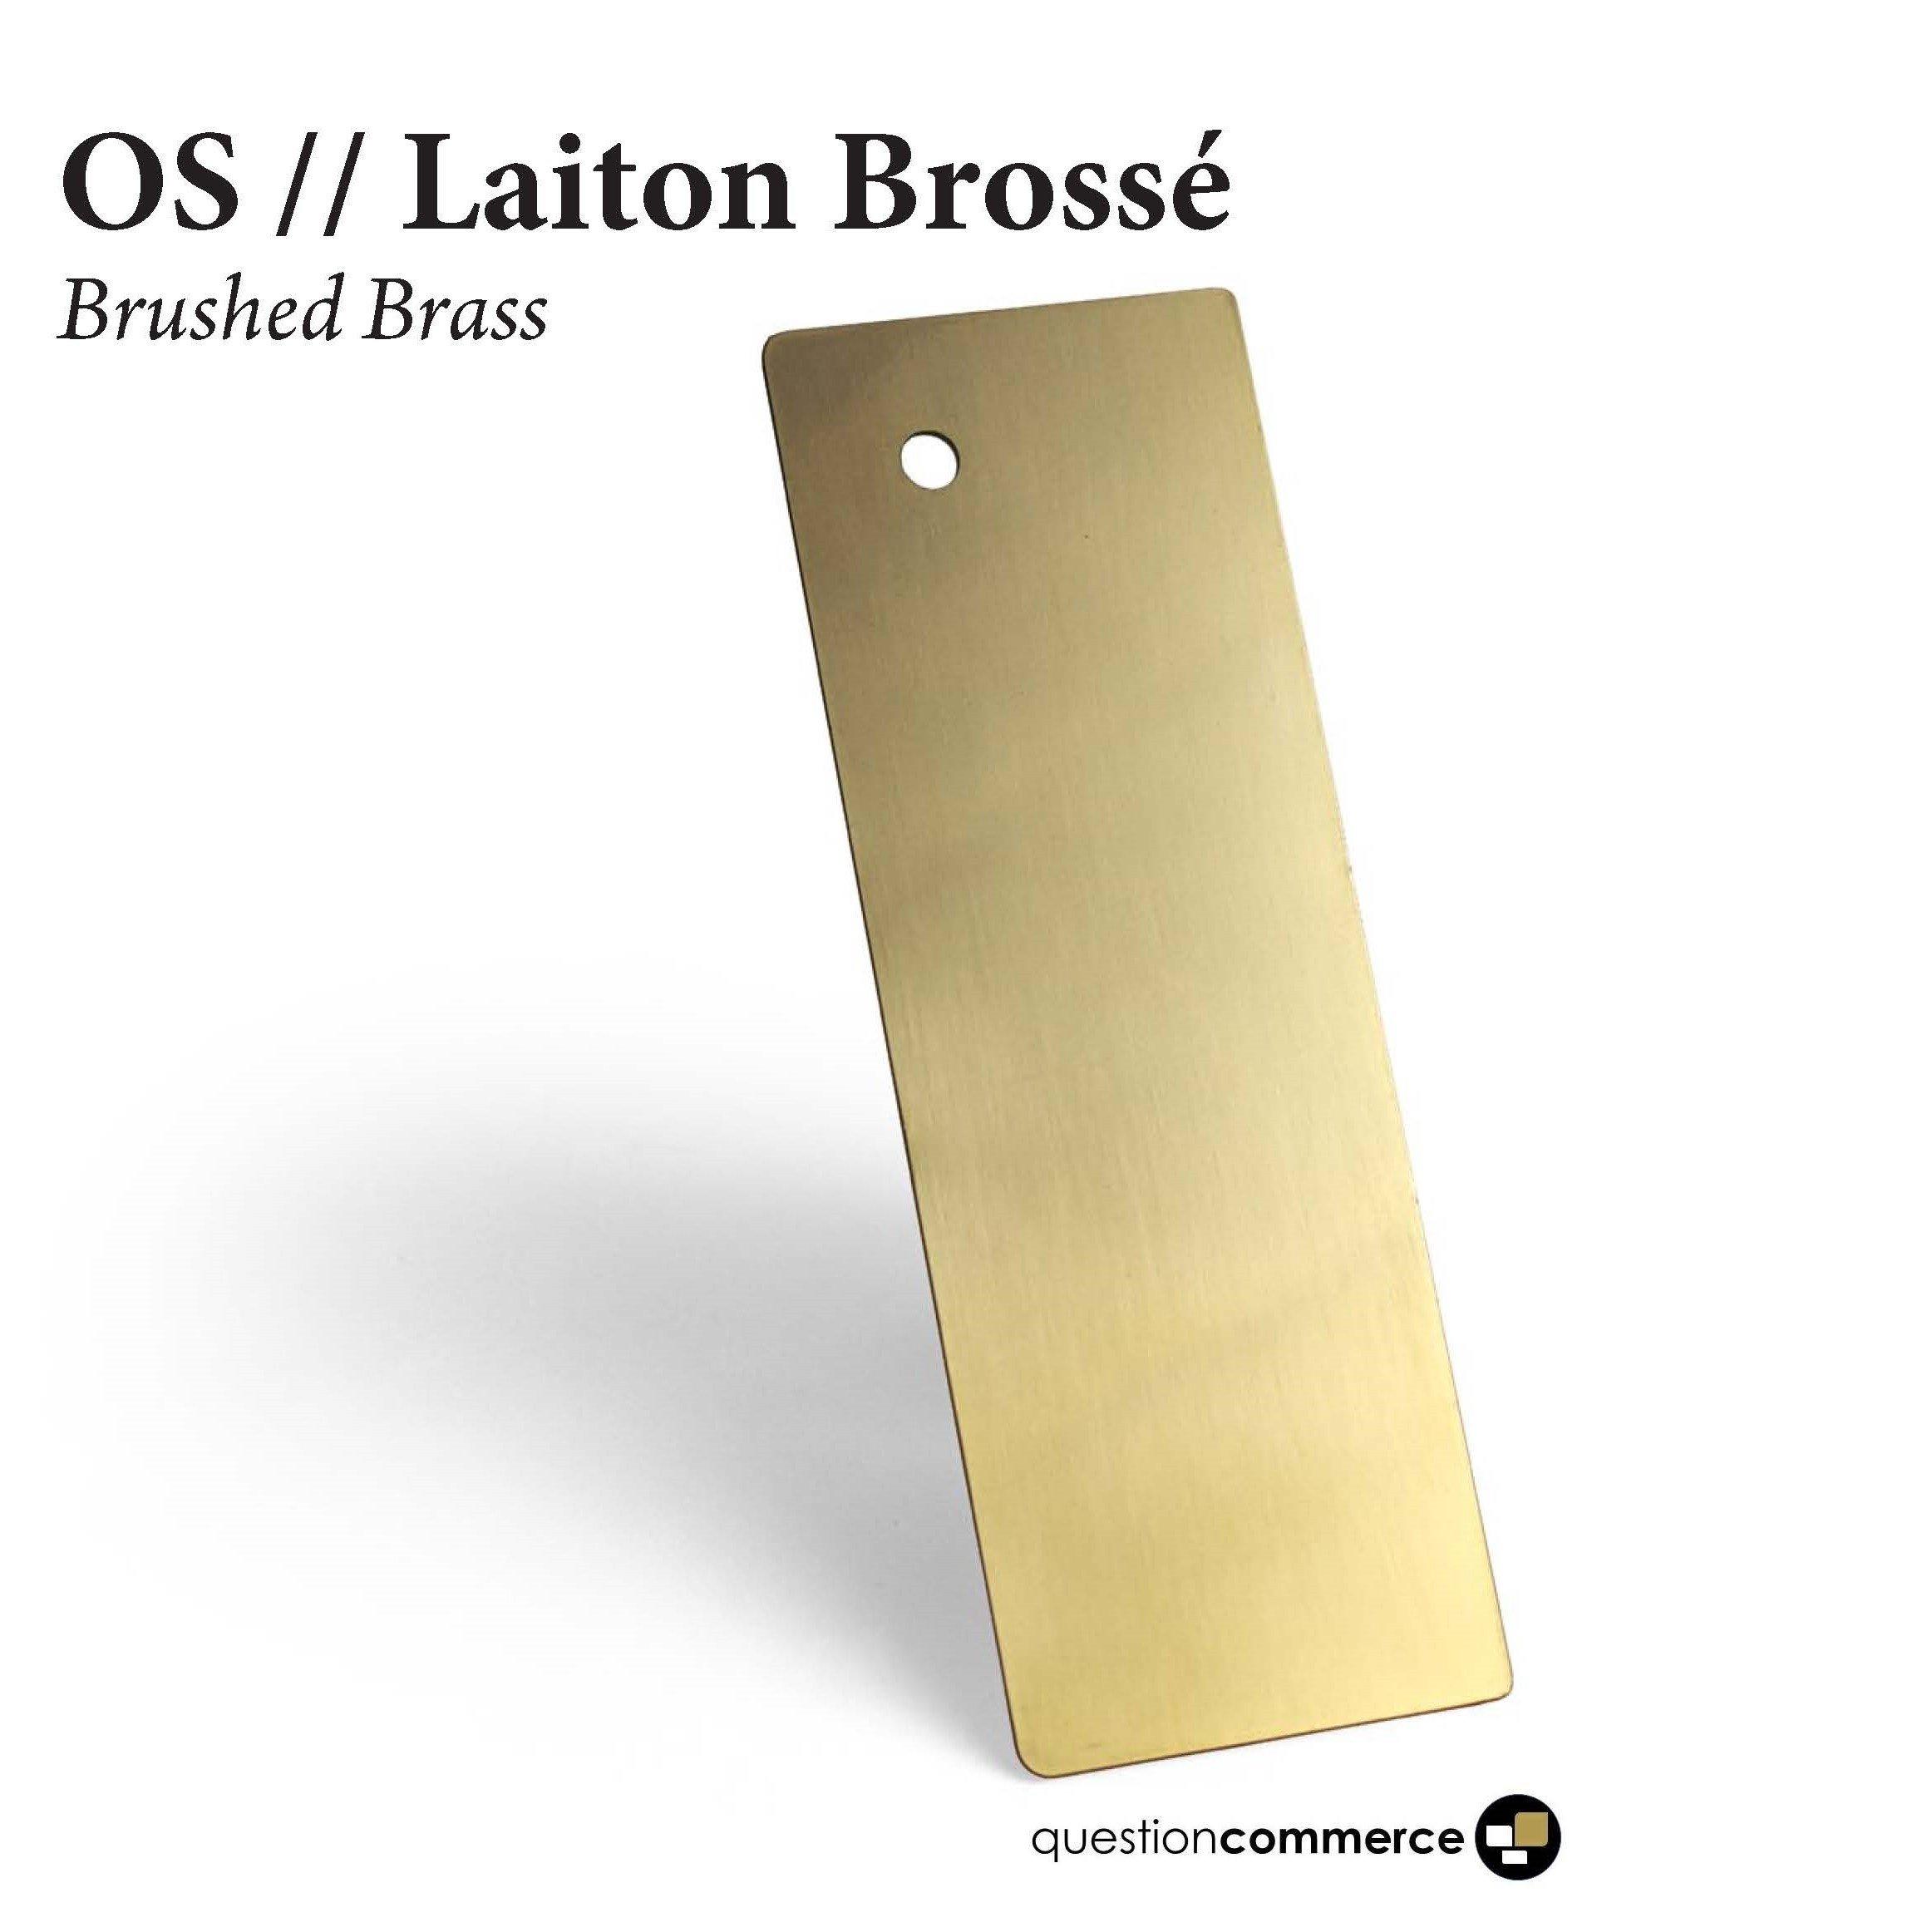 Laiton Brossé OS